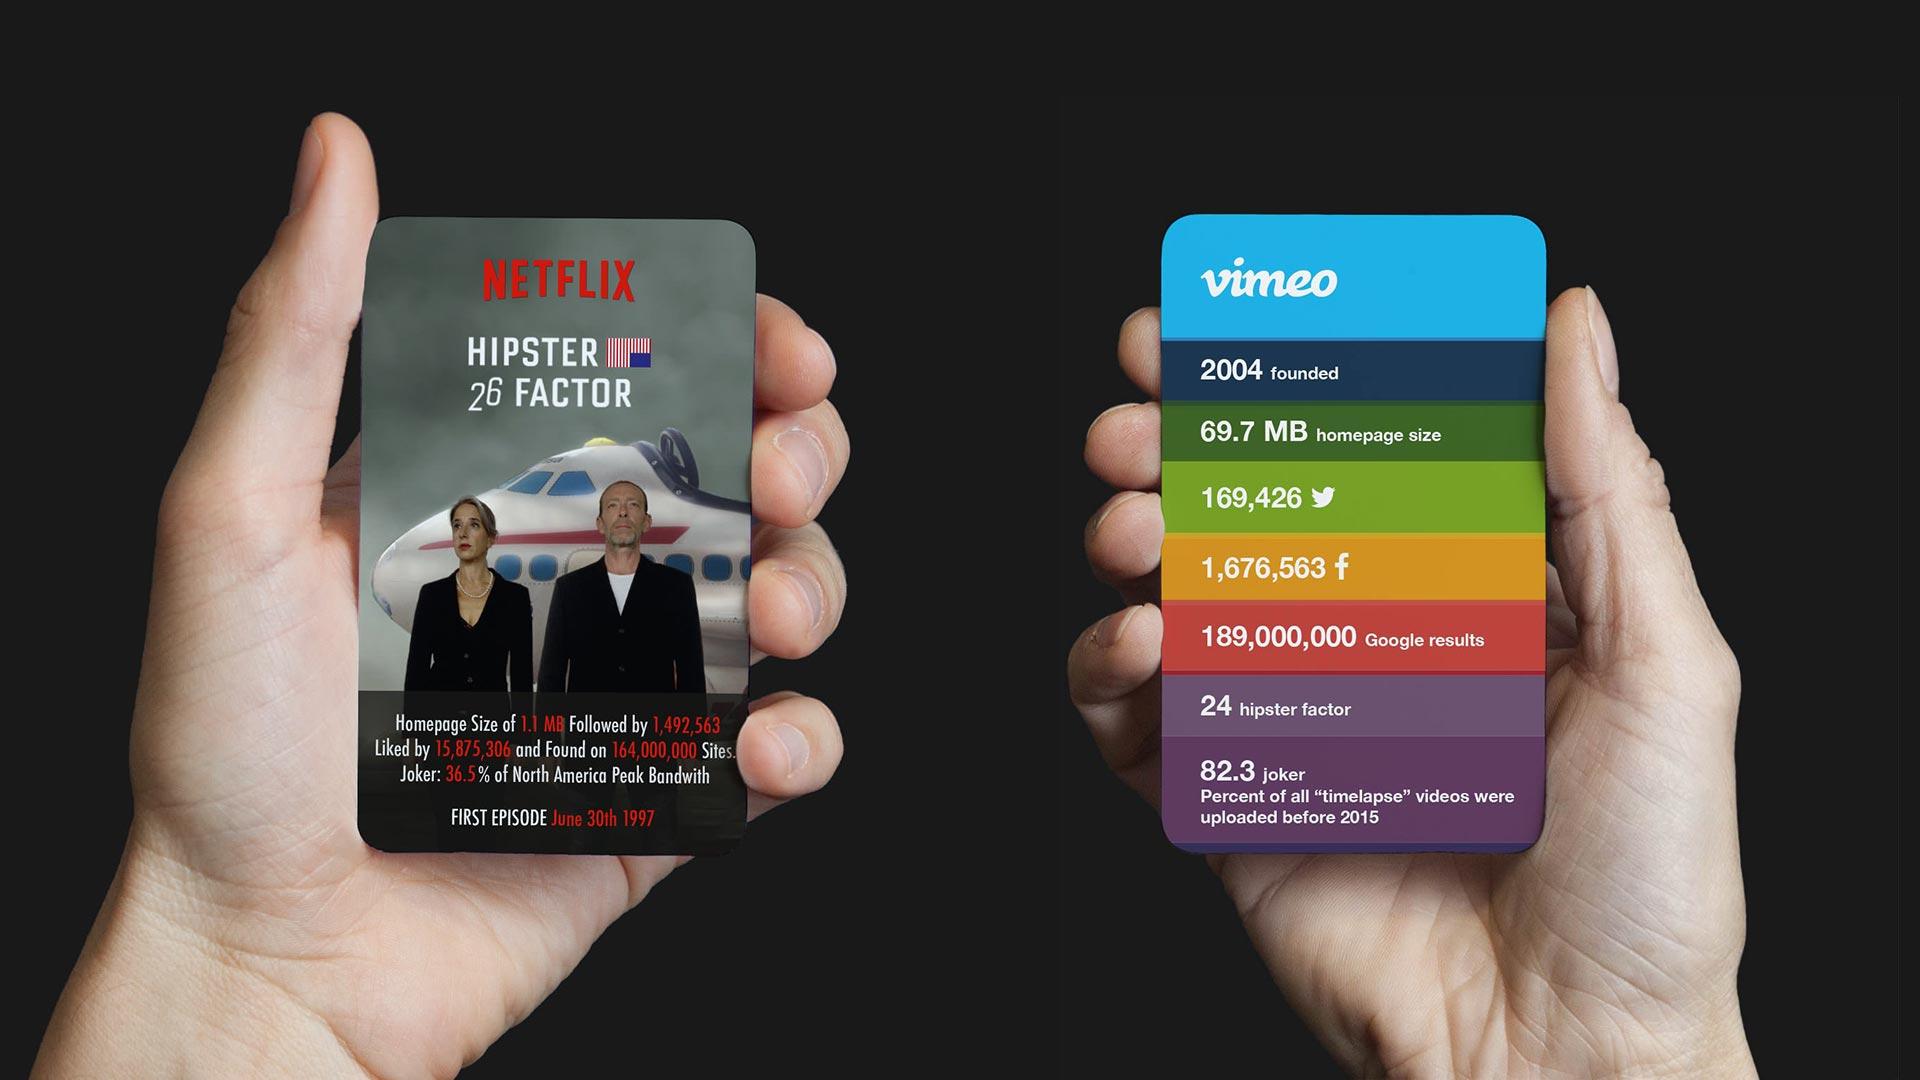 MJOM Cards Web Trumps: Netflix vs. Vimeo